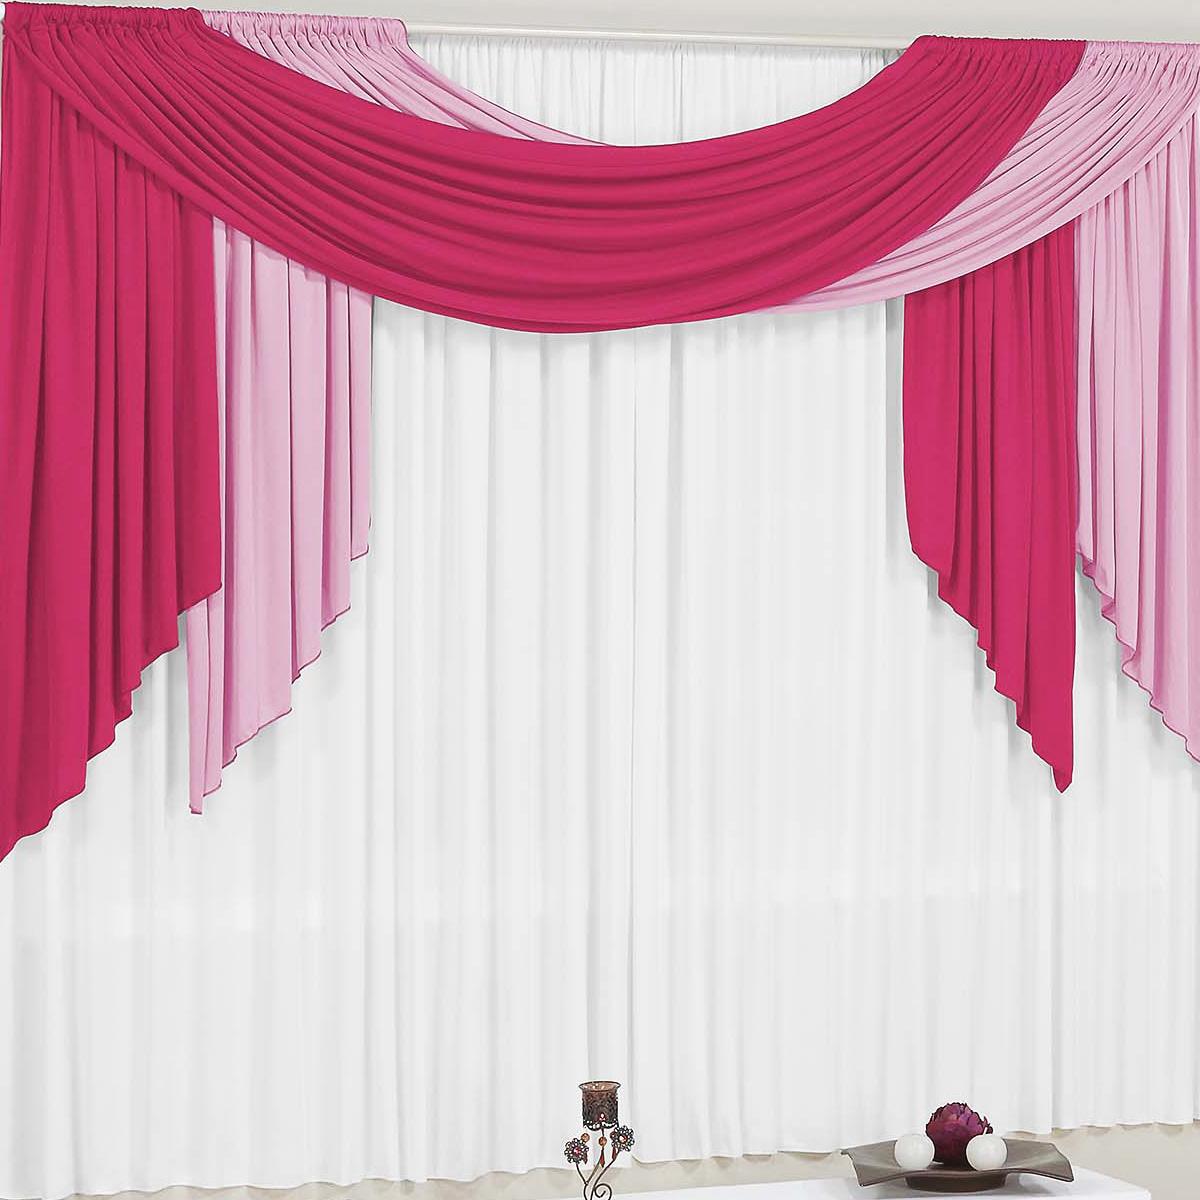 Cortina para Sala e Quarto Pink e Rosa e Branco 3 metros em Malha varão Duplo - Cortina Isabella